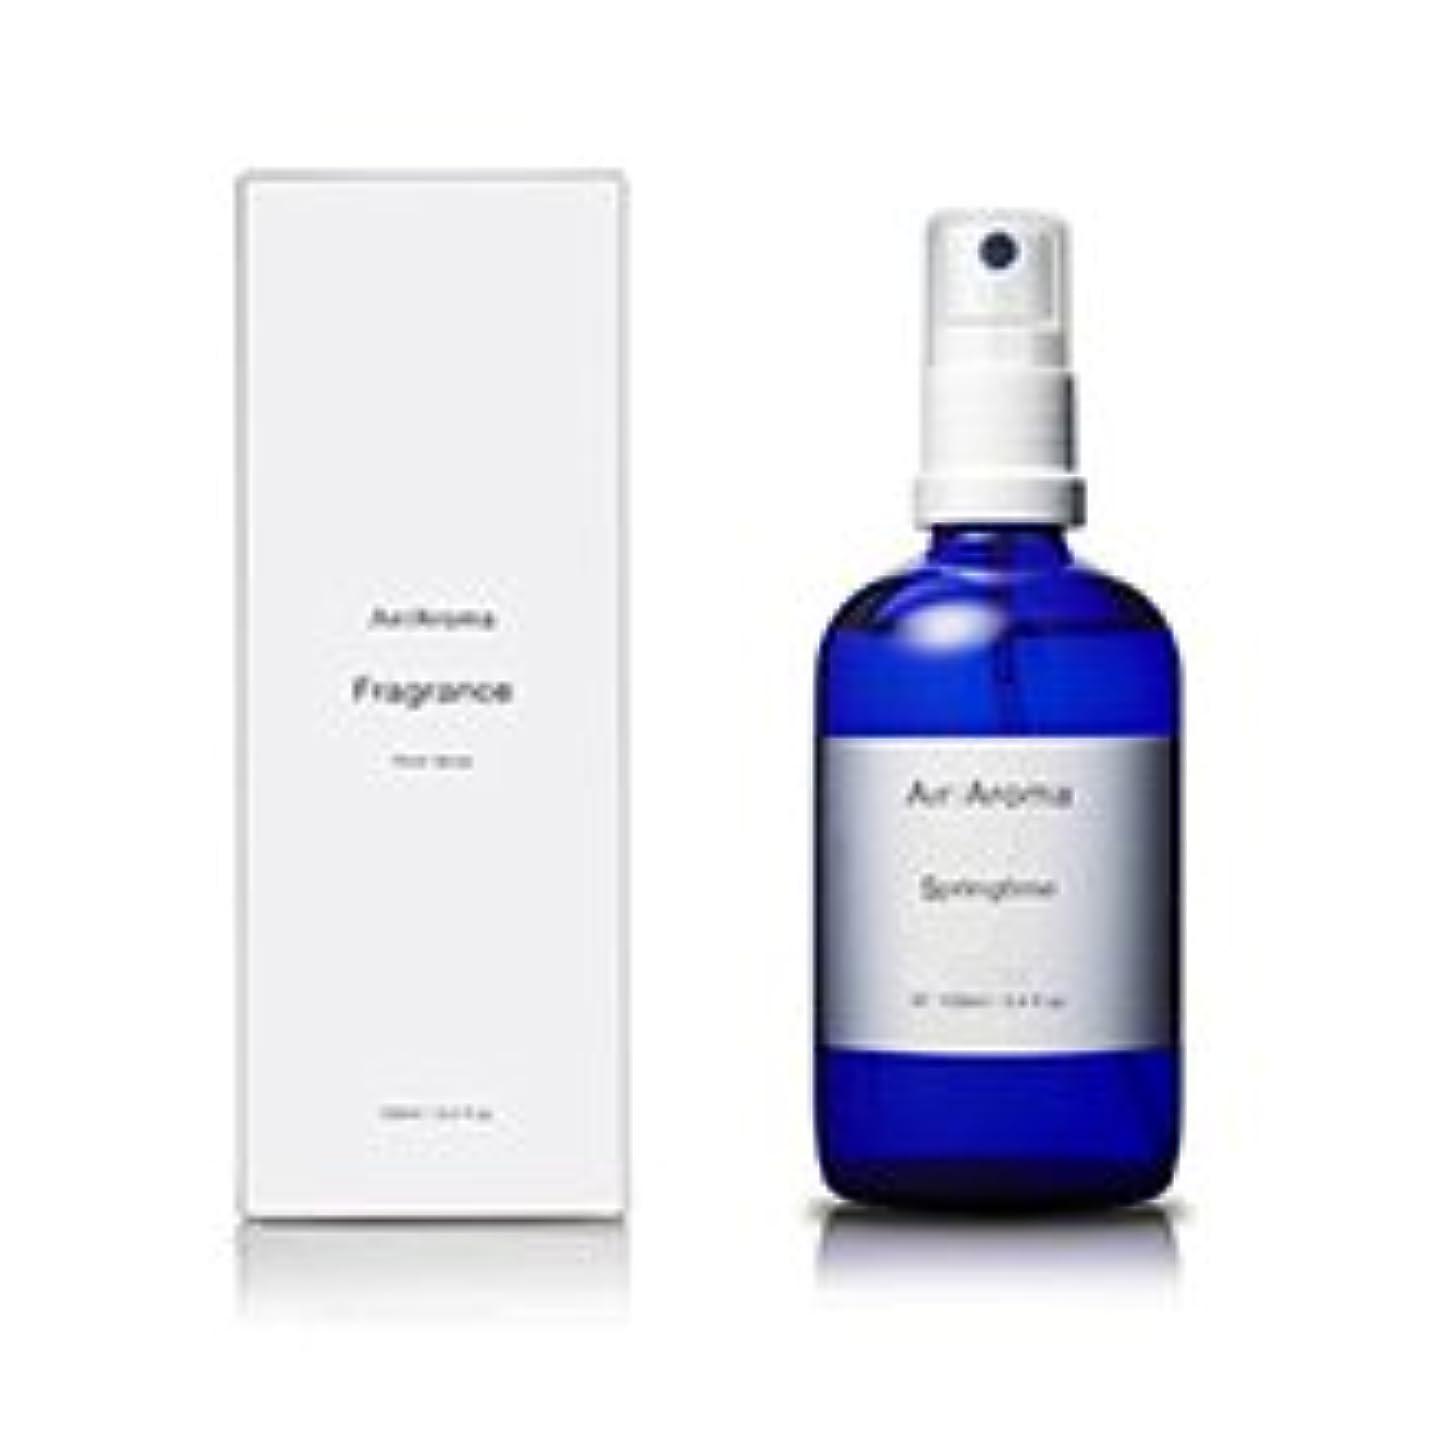 タンパク質キャベツ作るエアアロマ springtime room fragrance(スプリングタイム ルームフレグランス)100ml